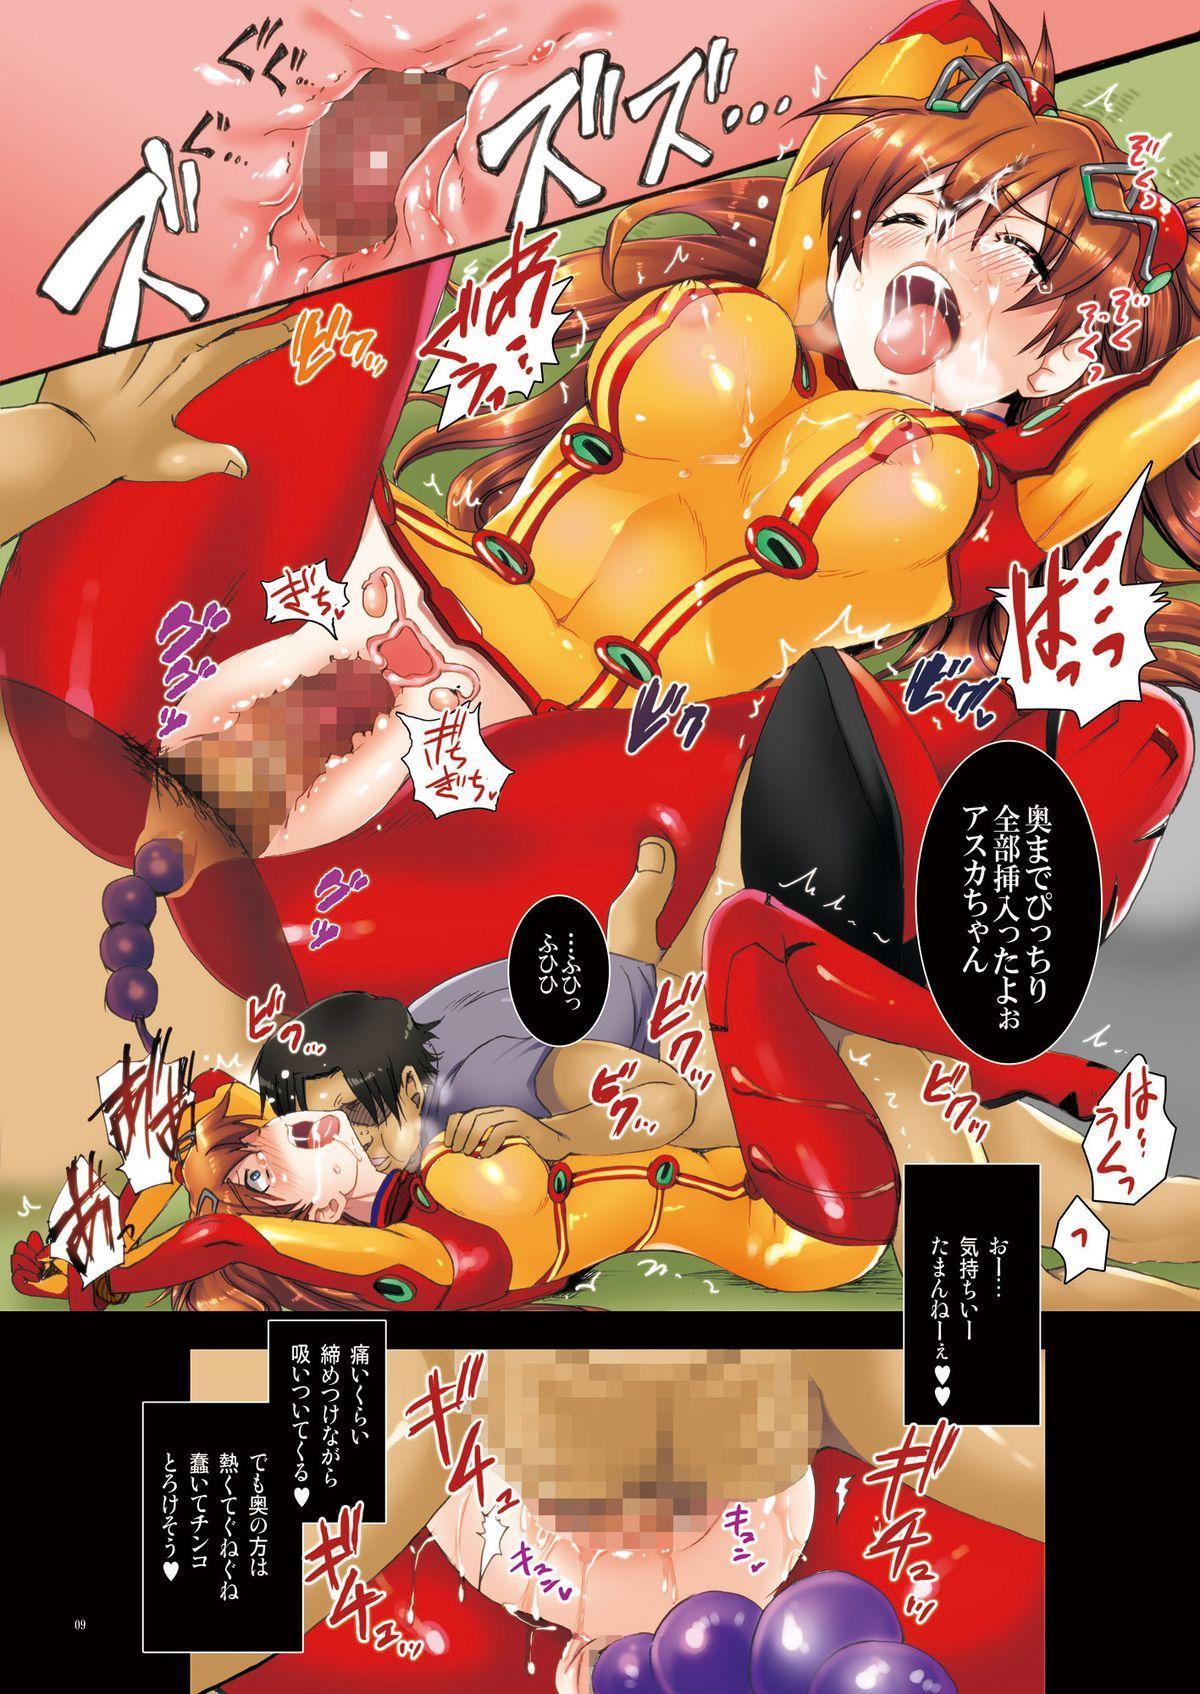 Rokujouma ni Asuka wo Kankin shite Tokunou OnaKin Jiru de Dorodoro ni Suru 8